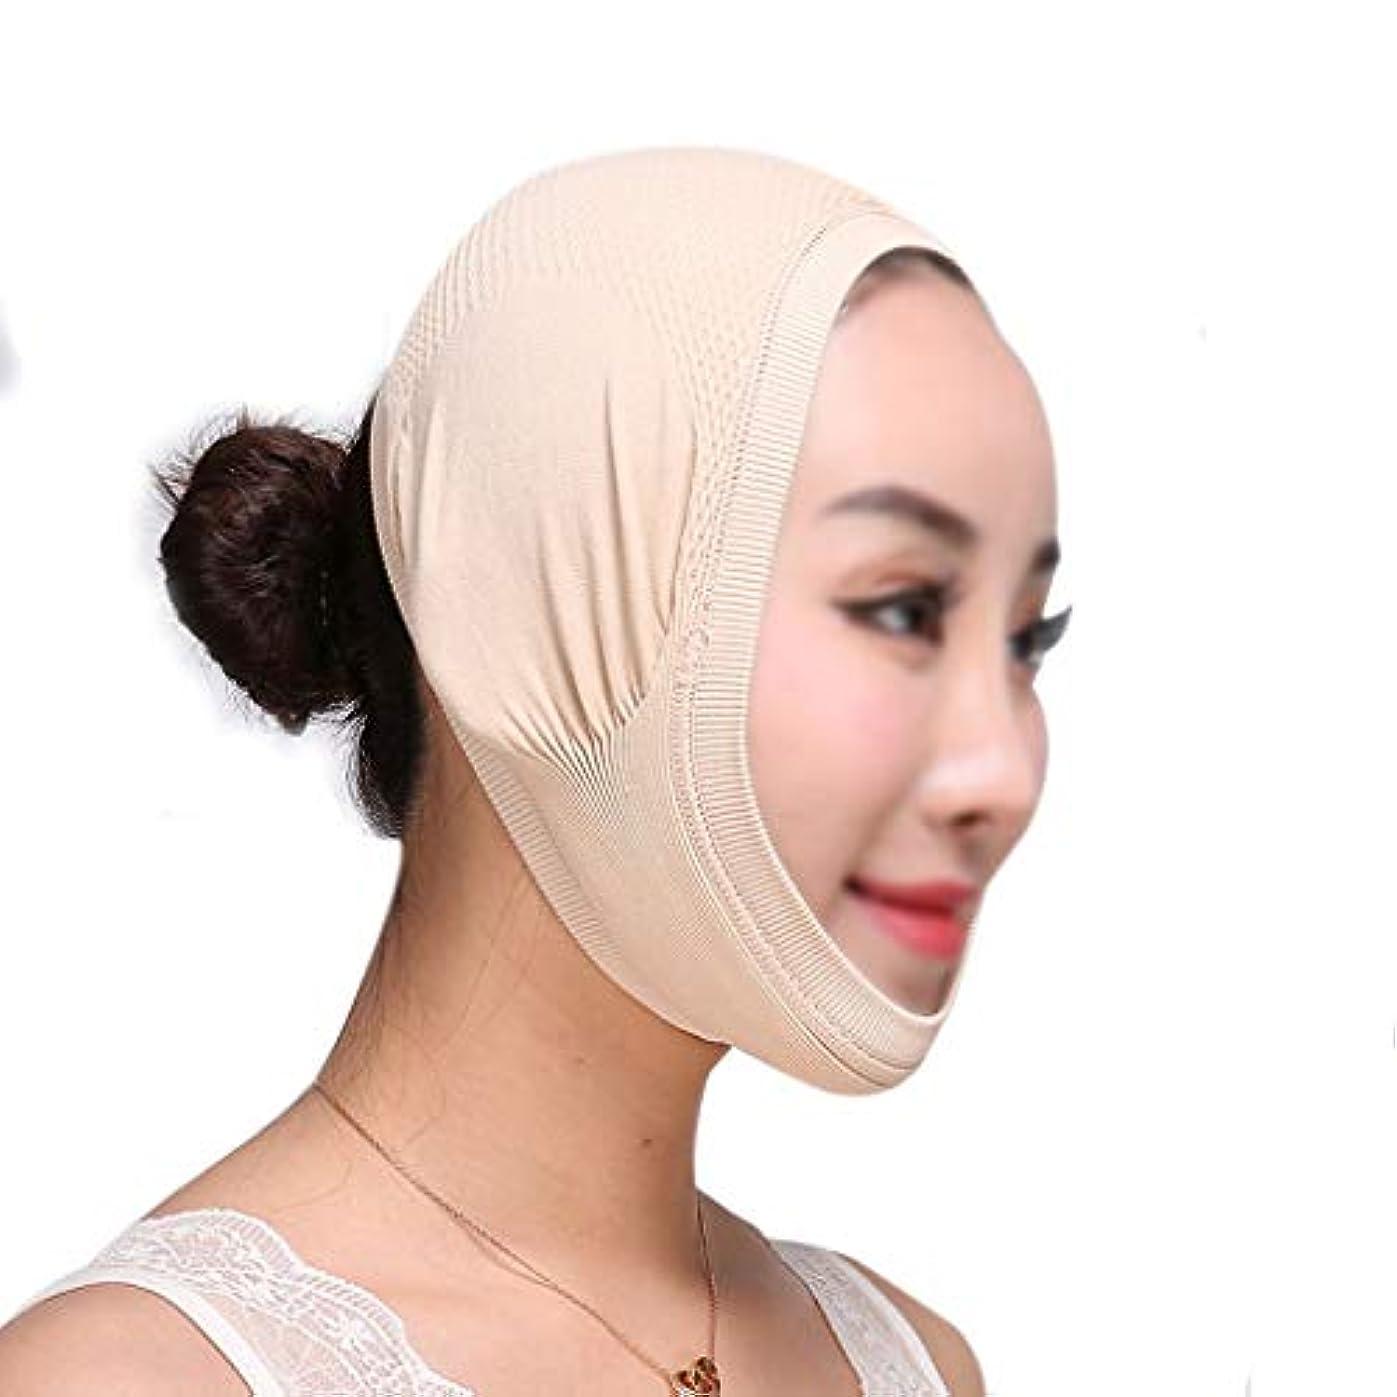 謙虚なドレス満足させるMLX V顔リフティング包帯薄いフェイスマスクを眠っている整形手術病院ライン彫刻術後回復ヘッドギア医療マスク (Color : Skin tone(B))